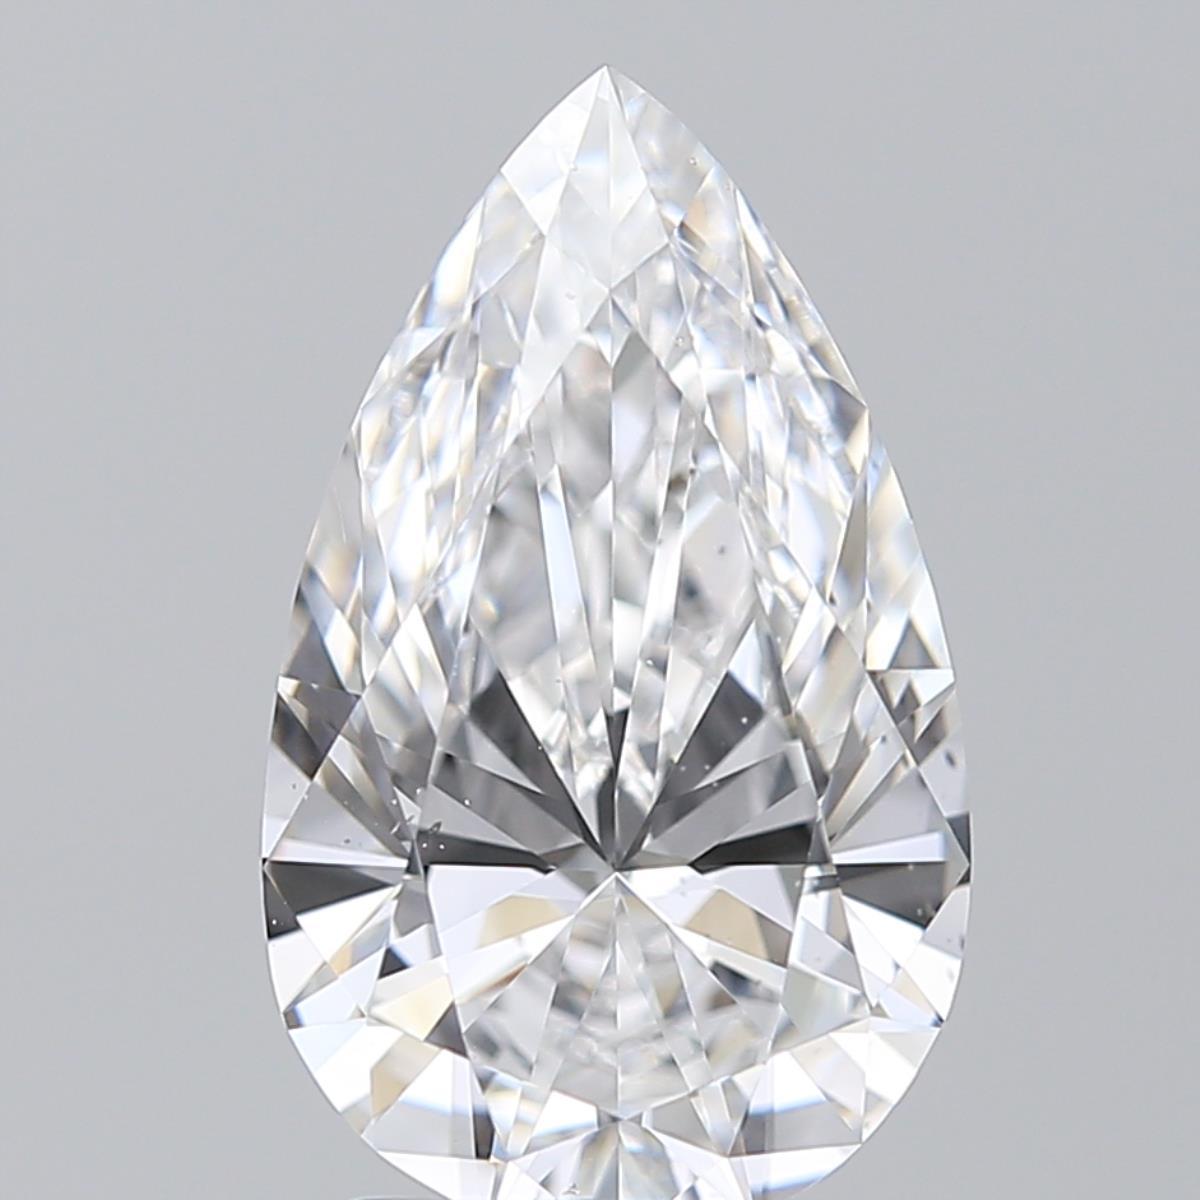 2.01 ct Pear Shape Diamond : D / VS2